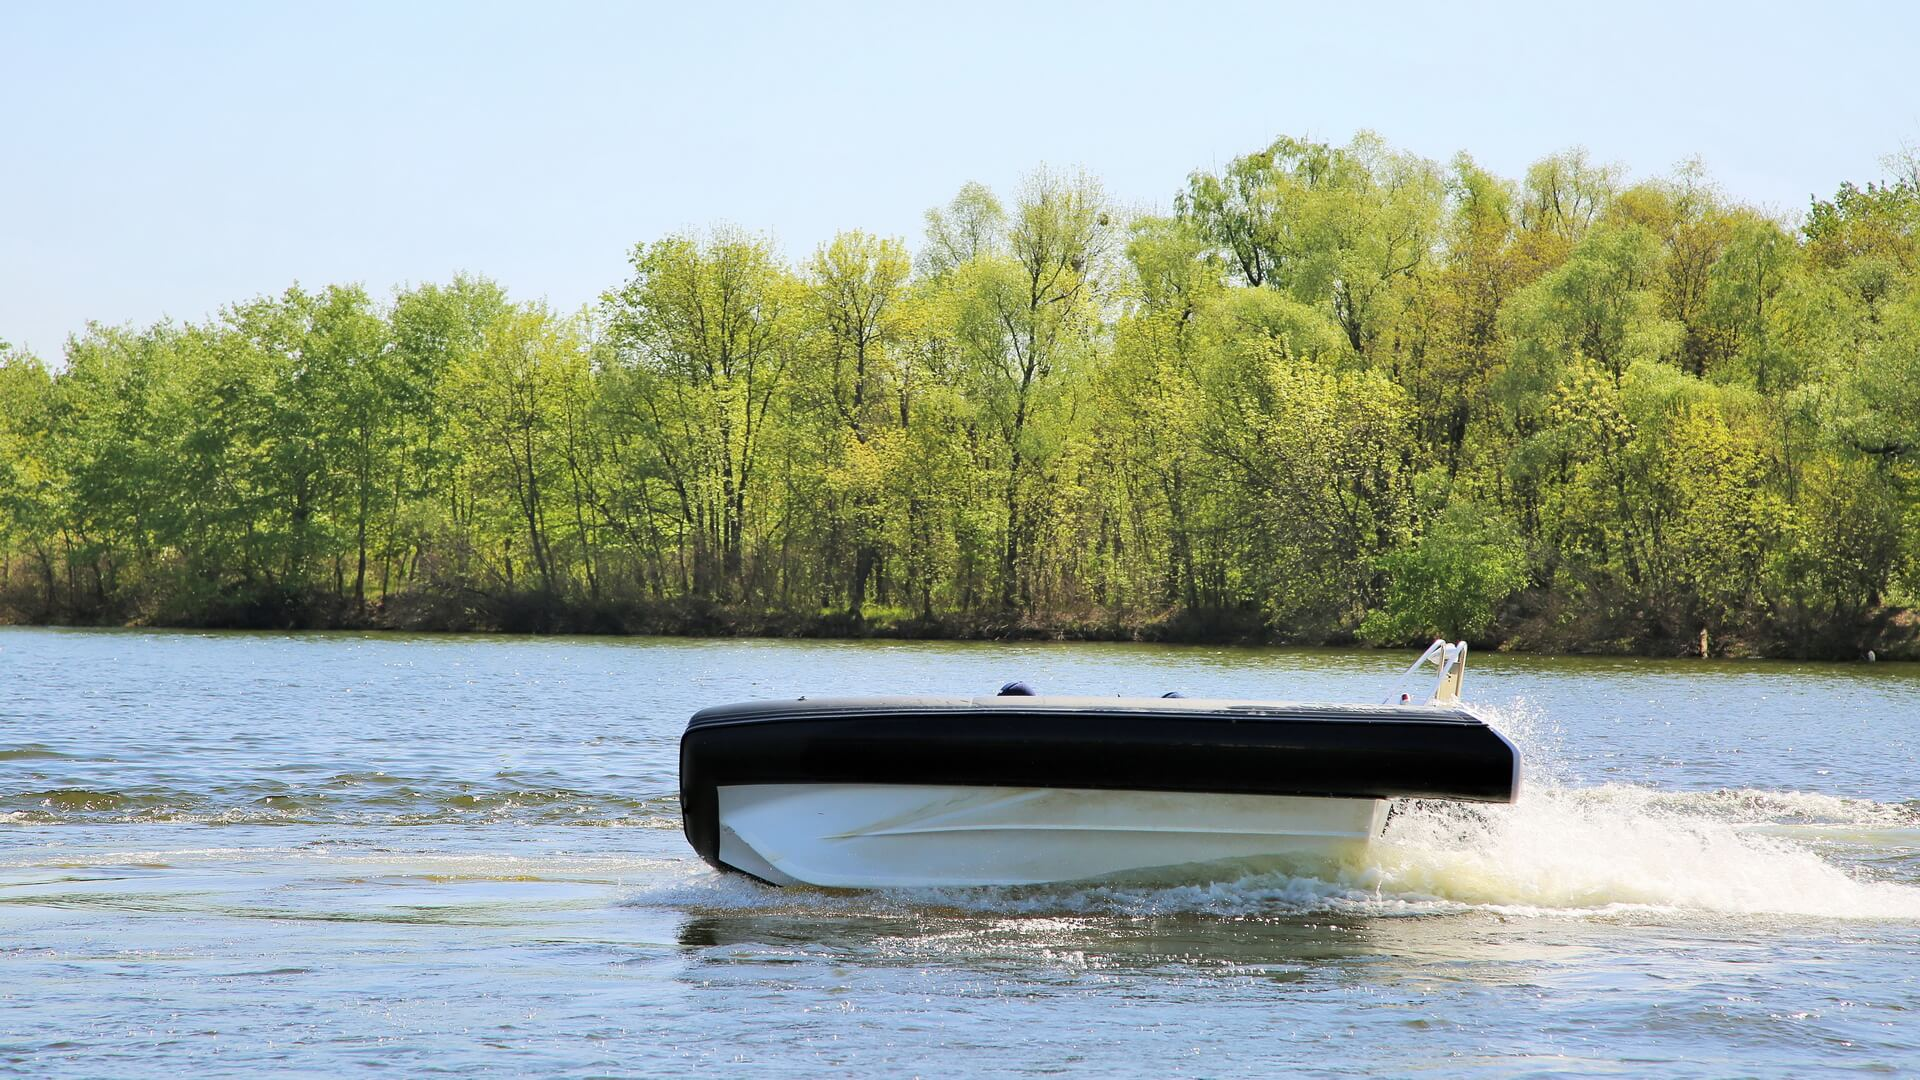 Надувная лодка с жестким дном GRAND Silver Line S420NL, Надувная лодка GRAND Silver Line S420NL, GRAND Silver Line S420NL, GRAND Silver Line S420NLF, GRAND S420NL, GRAND S420NLF, GRAND S420, Надувная лодка GRAND, Надувная лодка ГРАНД, Надувная лодка с жестким дном, RIB, Rigid Inflatable Boats